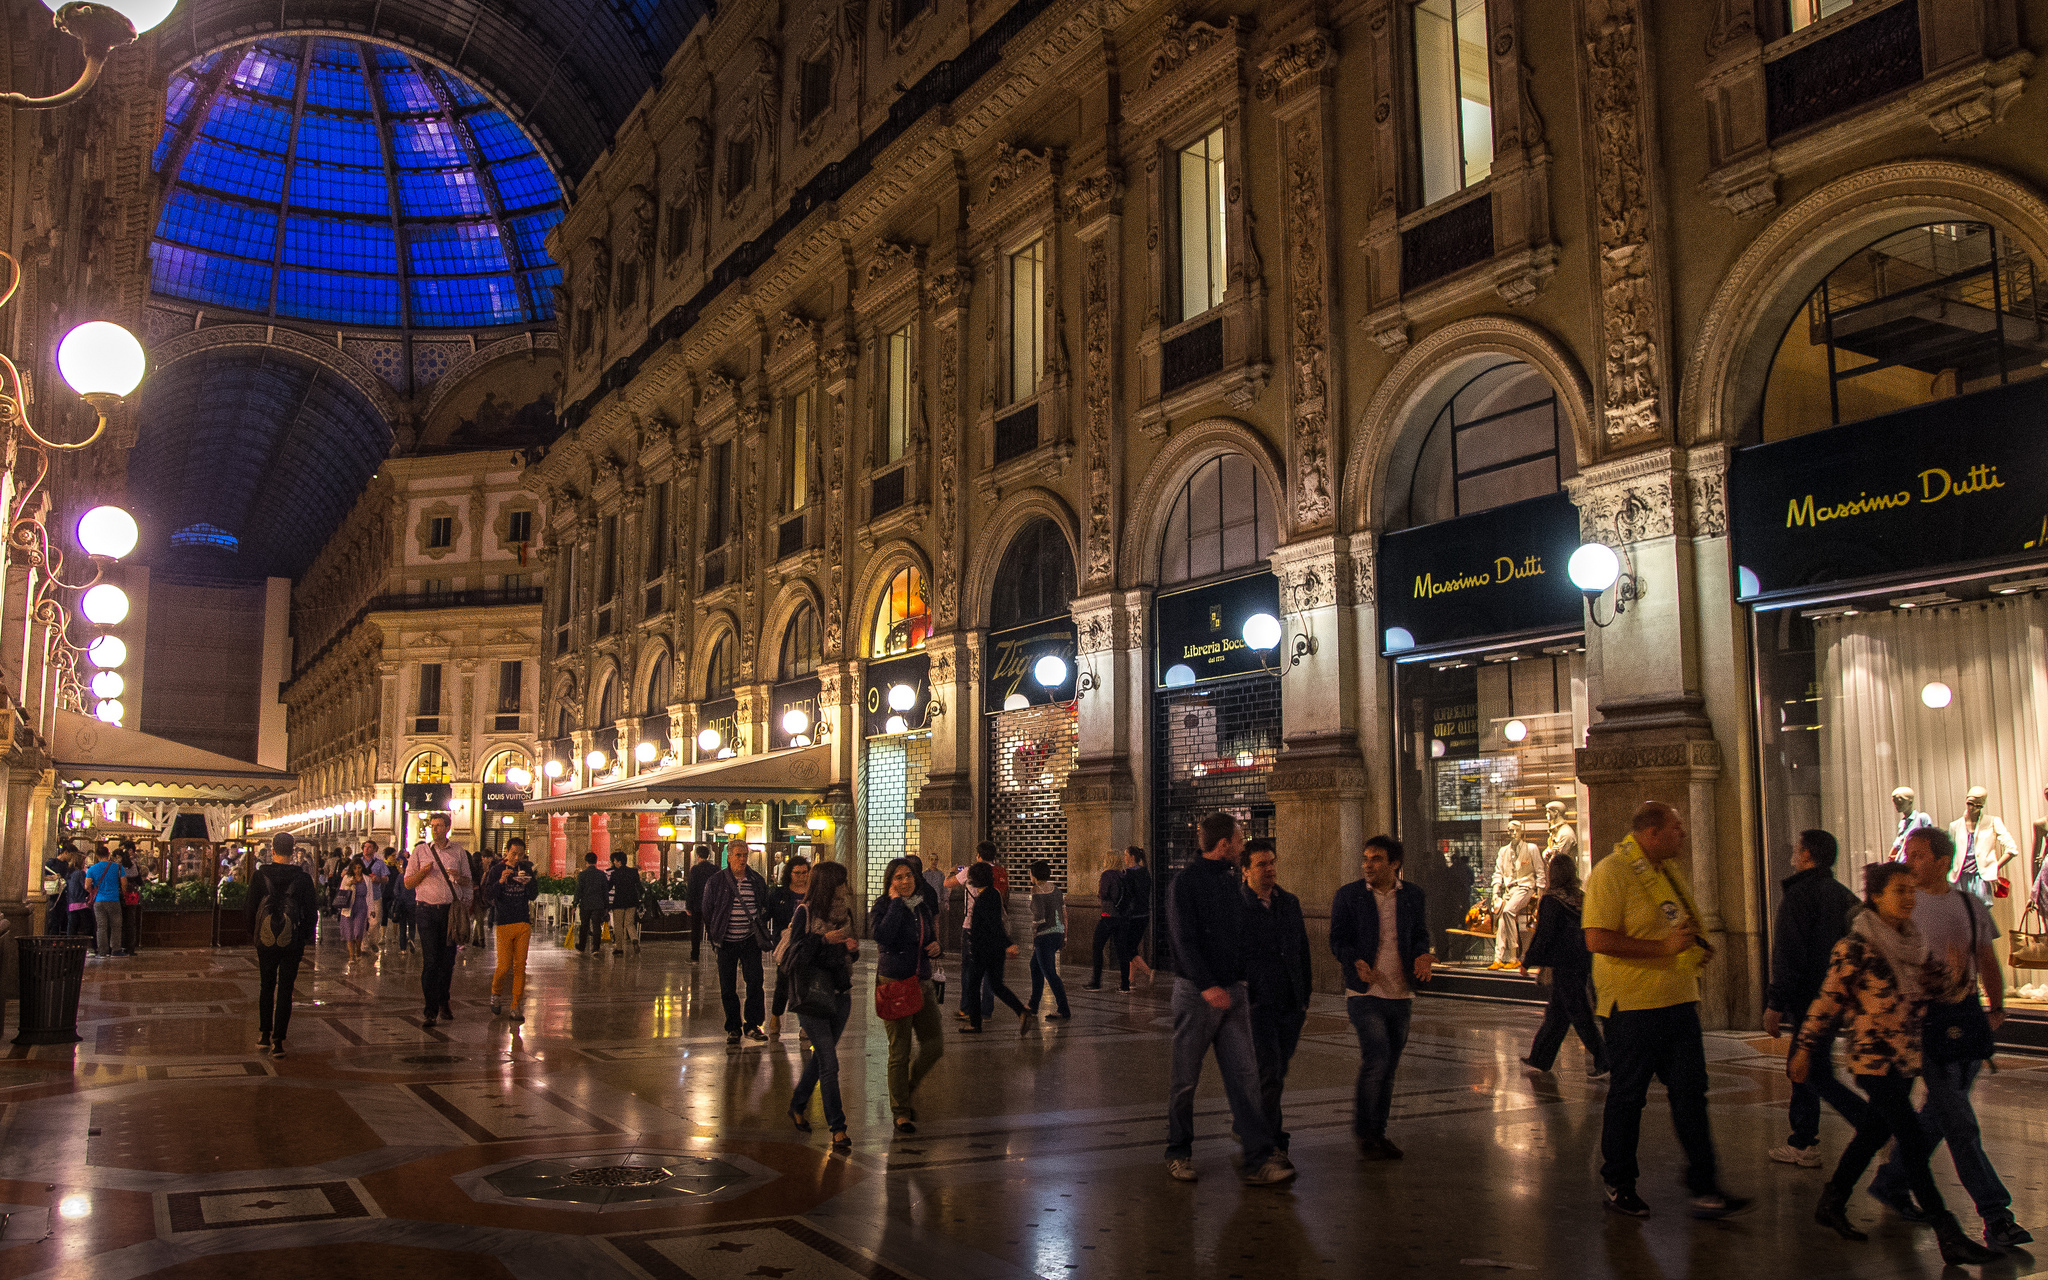 Galleria, Milan